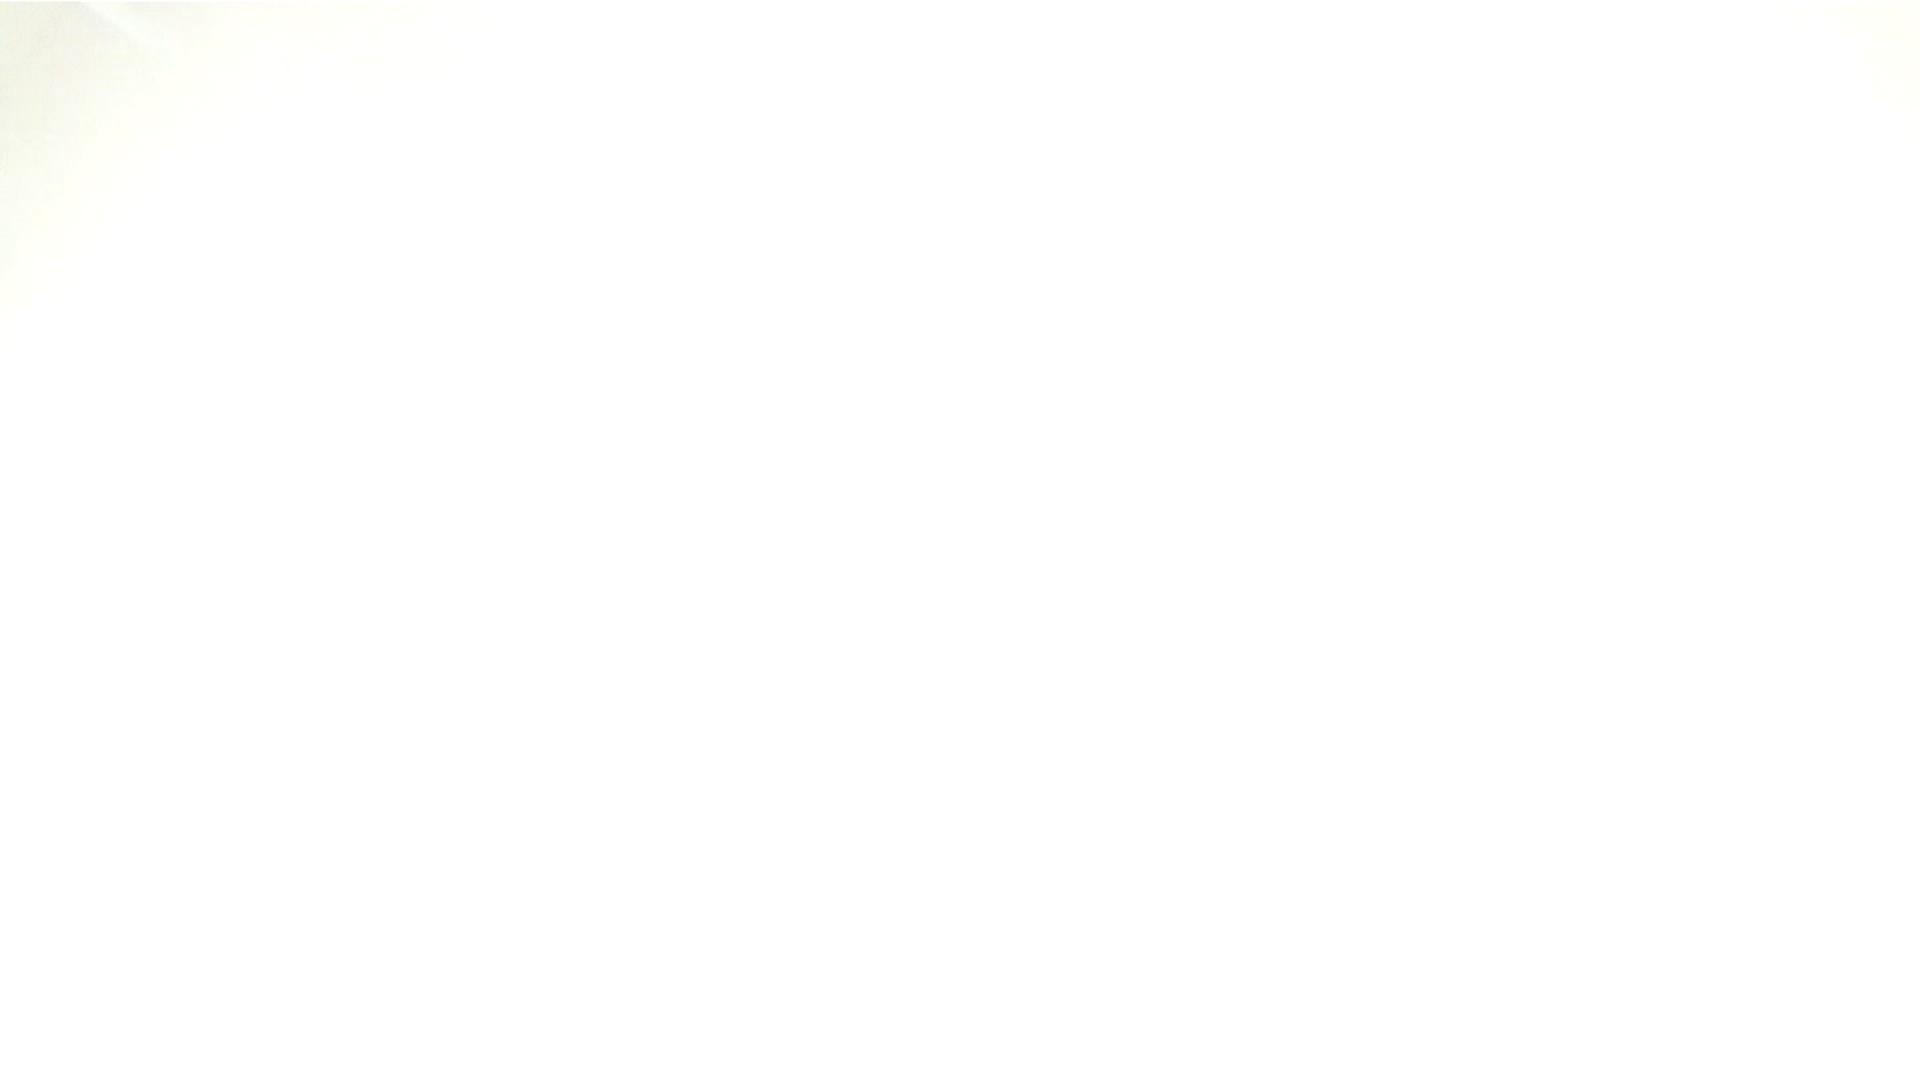 ※100個限定販売 至高下半身盗撮 プレミアム Vol.18 ハイビジョン 盗撮編 SEX無修正画像 105枚 95